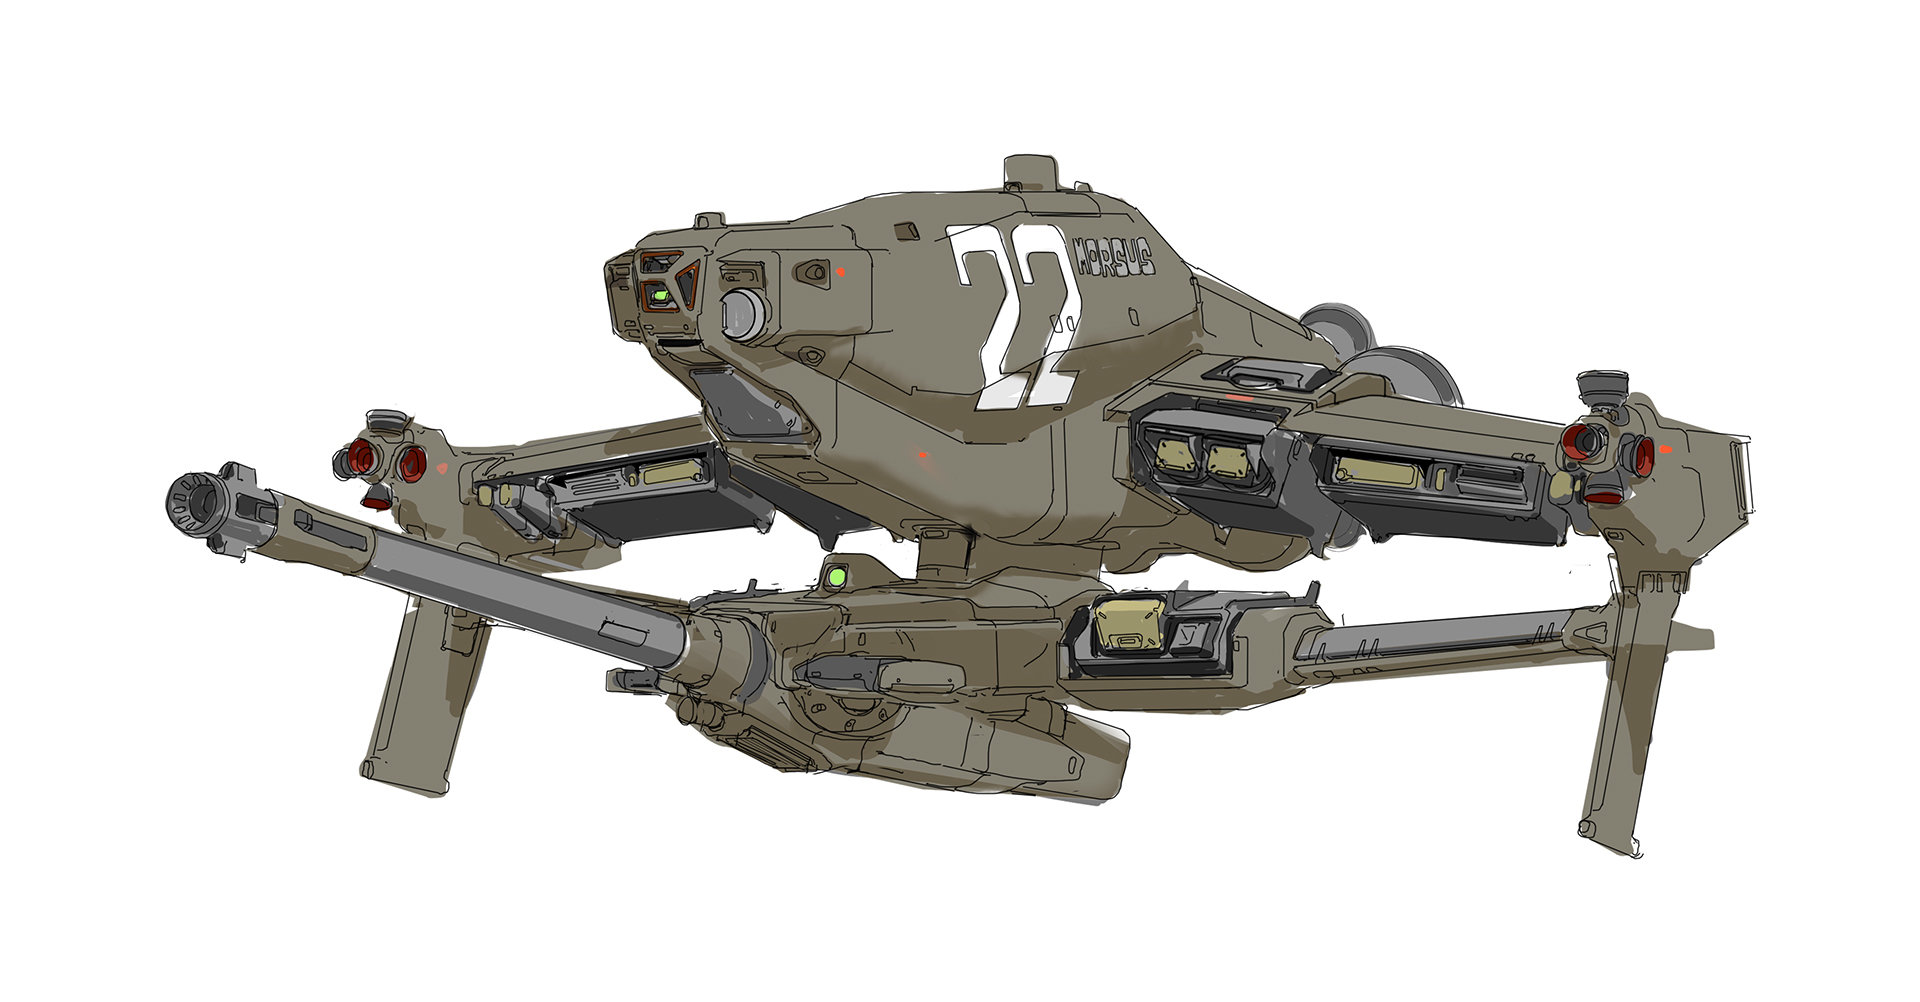 John liberto morsus gunship